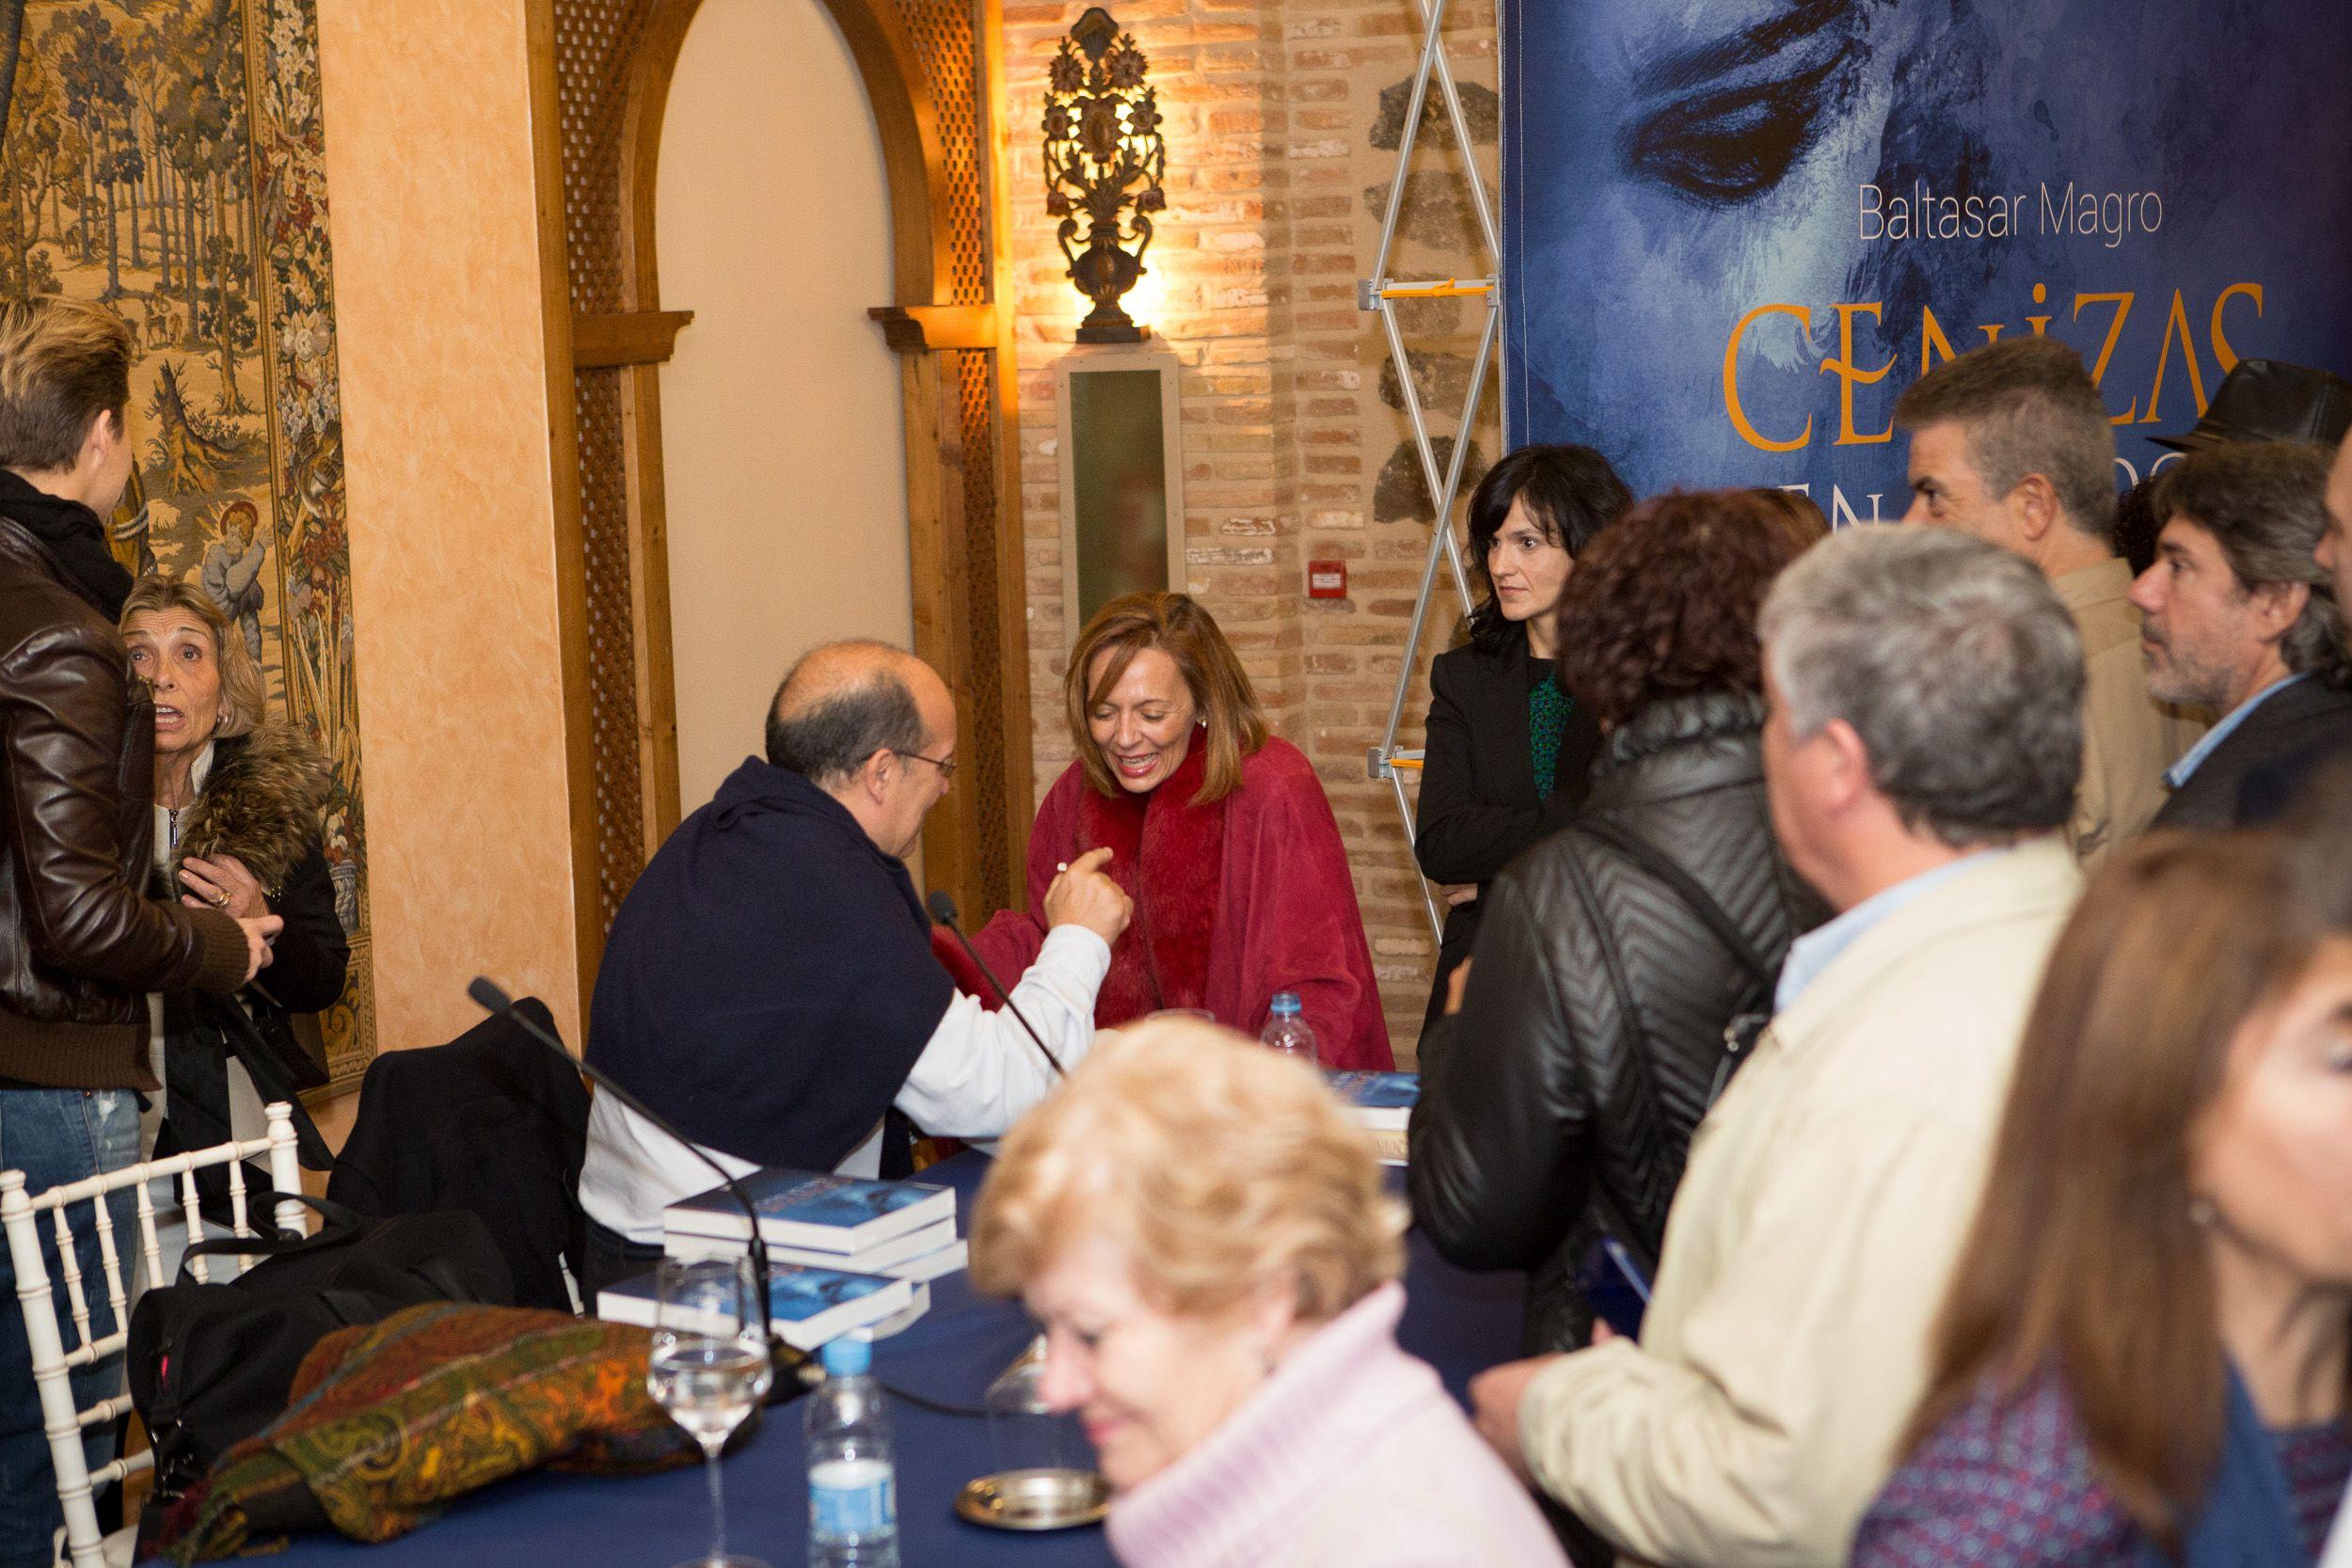 Acto de presentación de 'Cenizas en la boca', de #BaltasarMagro, en Toledo (21 de noviembre de 2014).  Copyright David Utrilla. Todos los derechos reservados